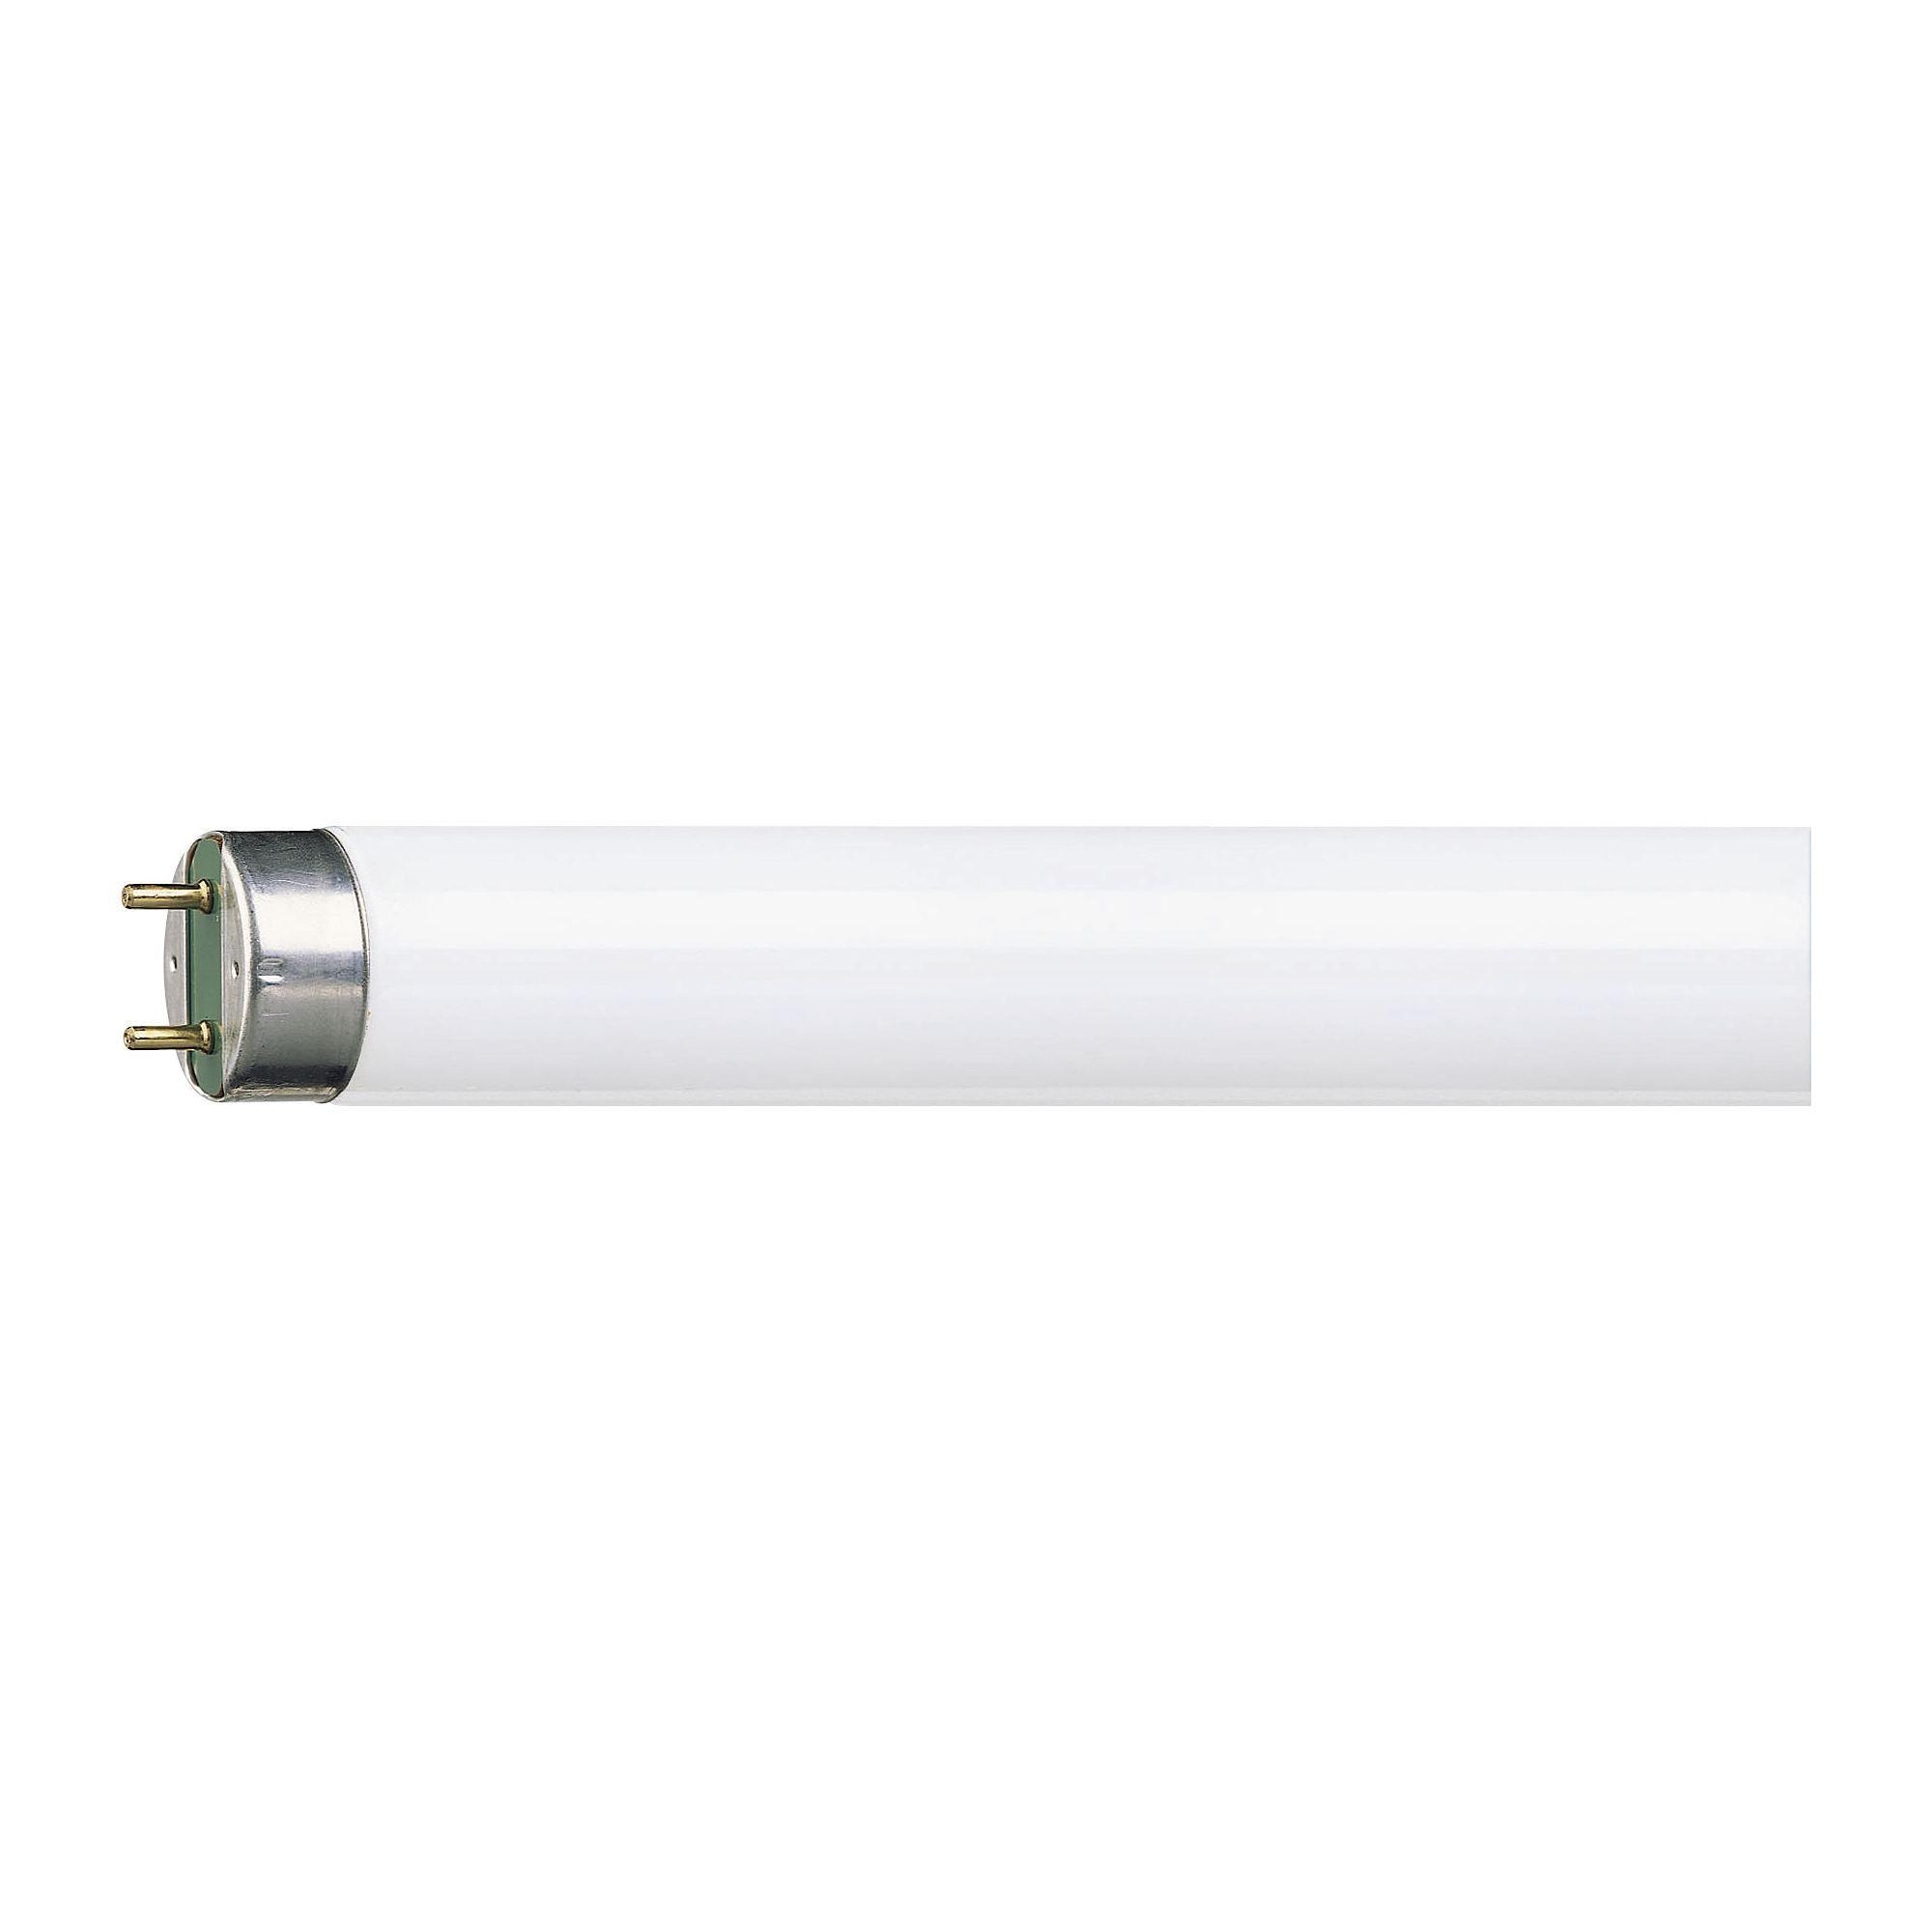 Купить Лампа люминесцентная Philips Master TL-D Super 80 15W/840 SLV/25 452мм 15Вт d26